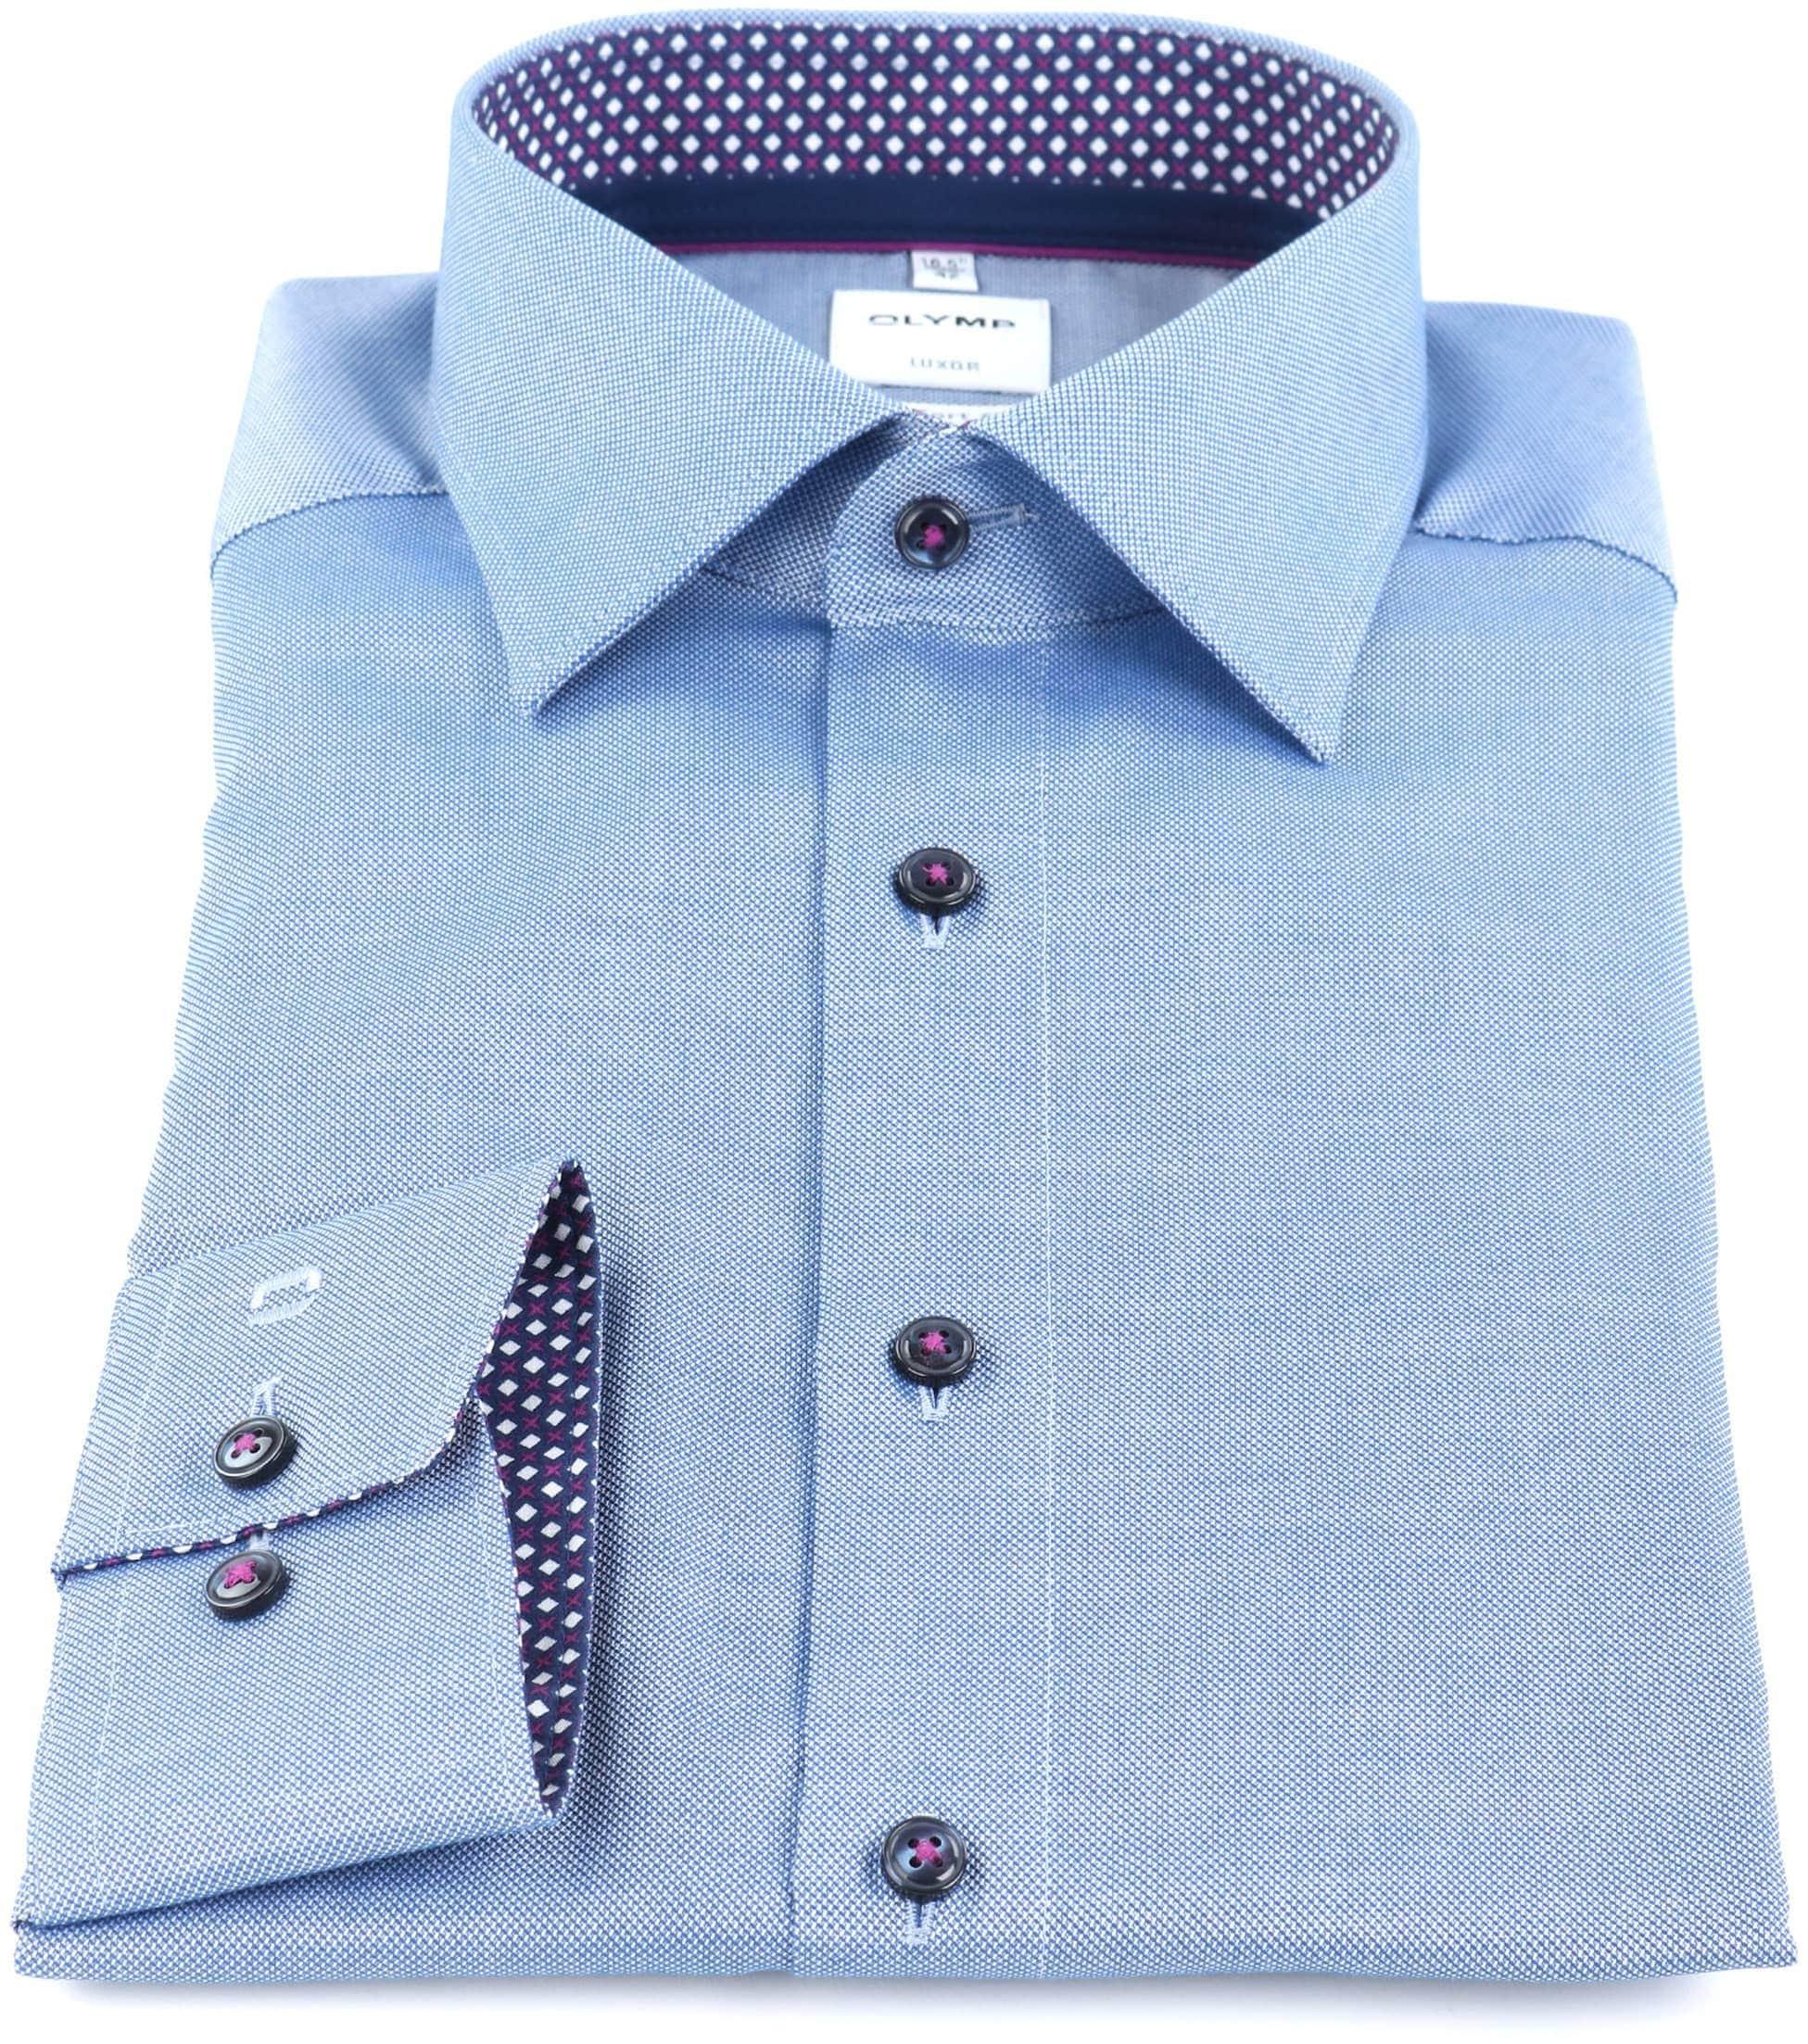 OLYMP Luxor Overhemd Strijkvrij Blauw Comfort Fit foto 2